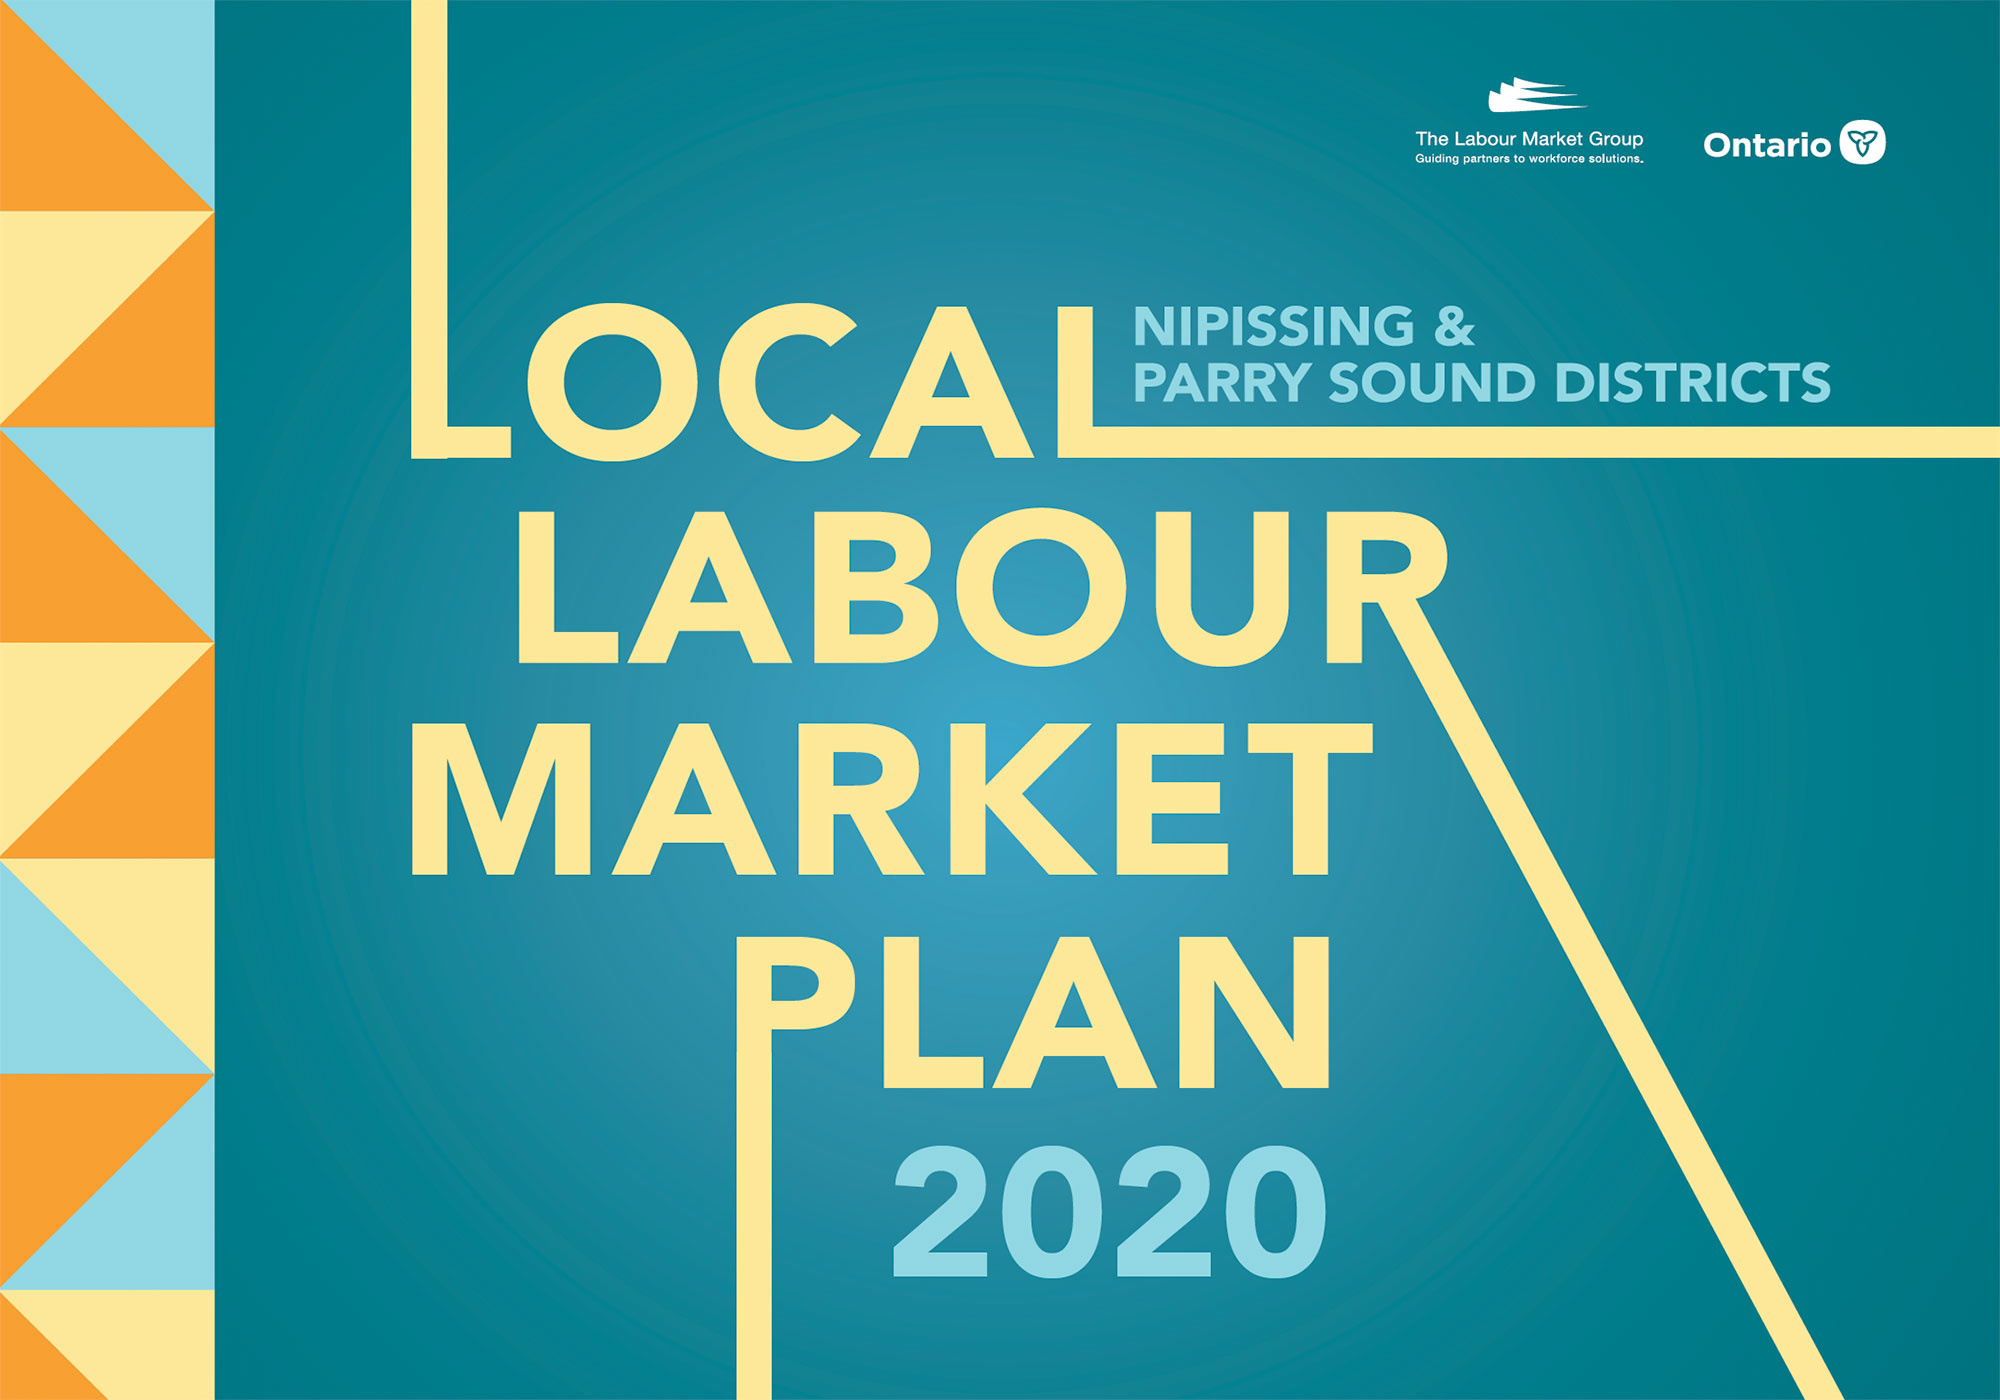 2020 Local Labour Market Plan